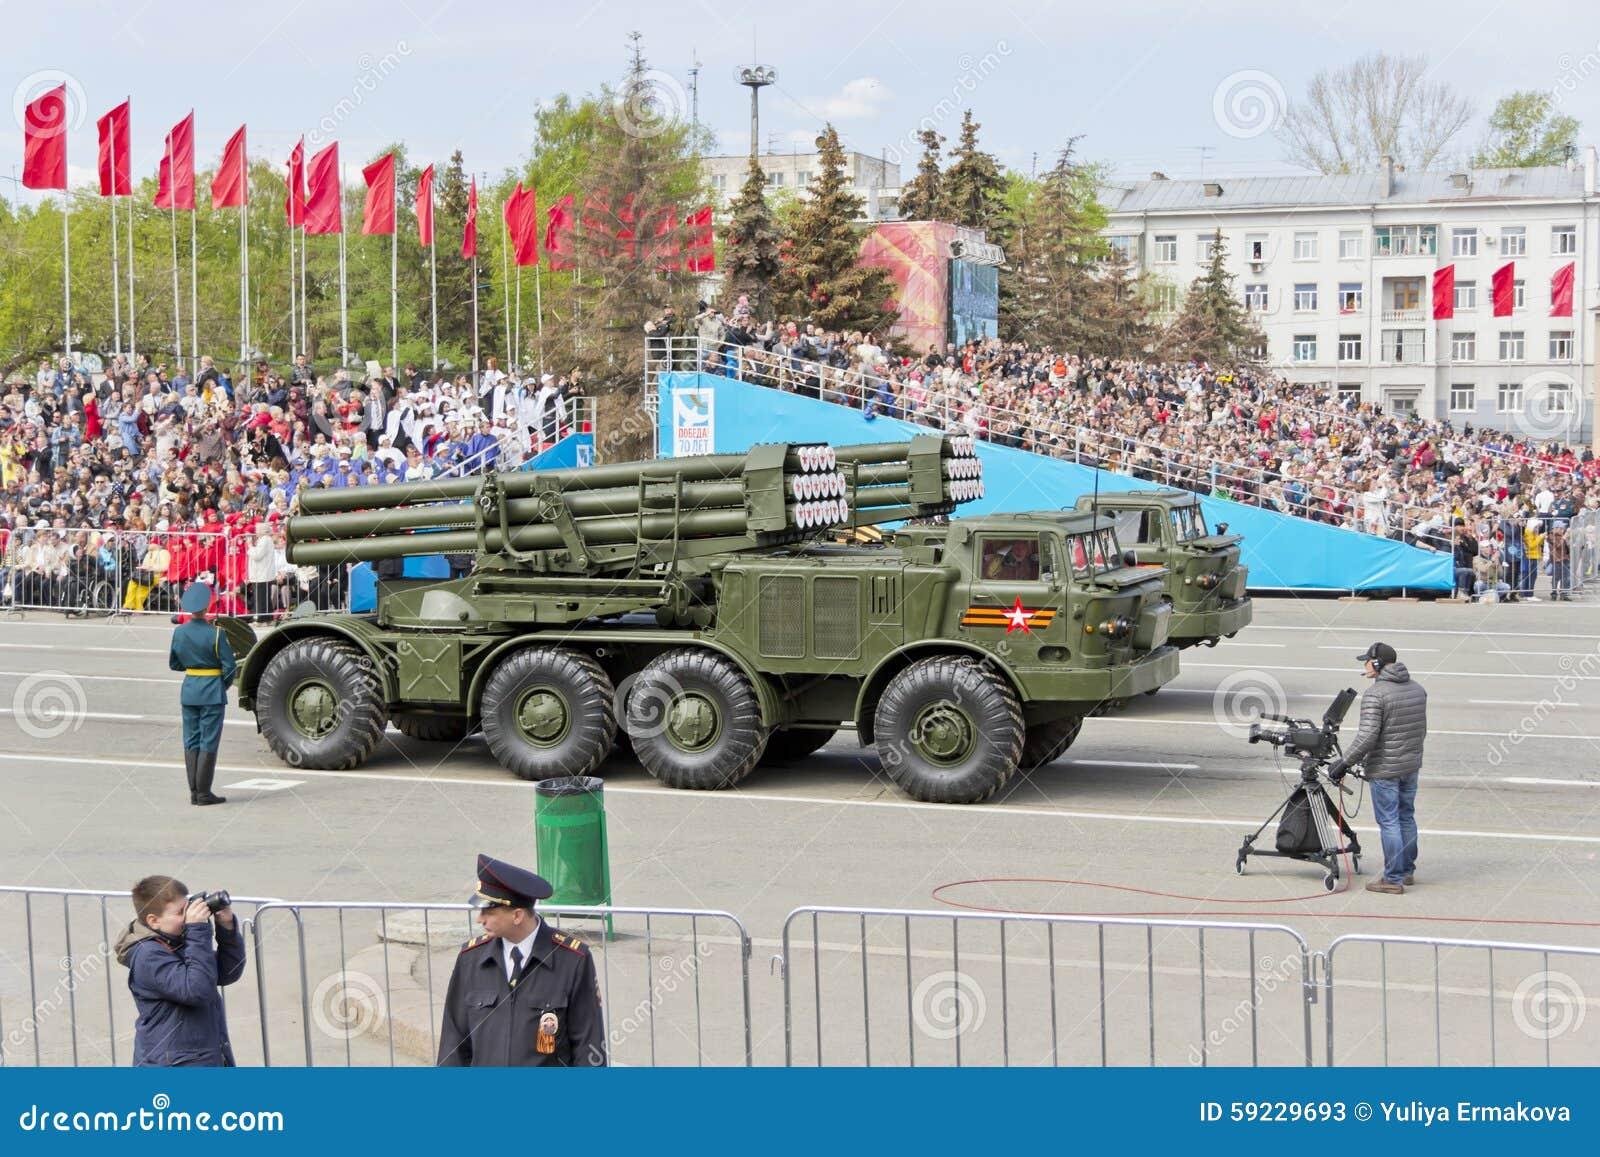 Download Los Militares Rusos Transportan En El Desfile En Victory Day Anual Foto de archivo editorial - Imagen de editorial, acontecimiento: 59229693